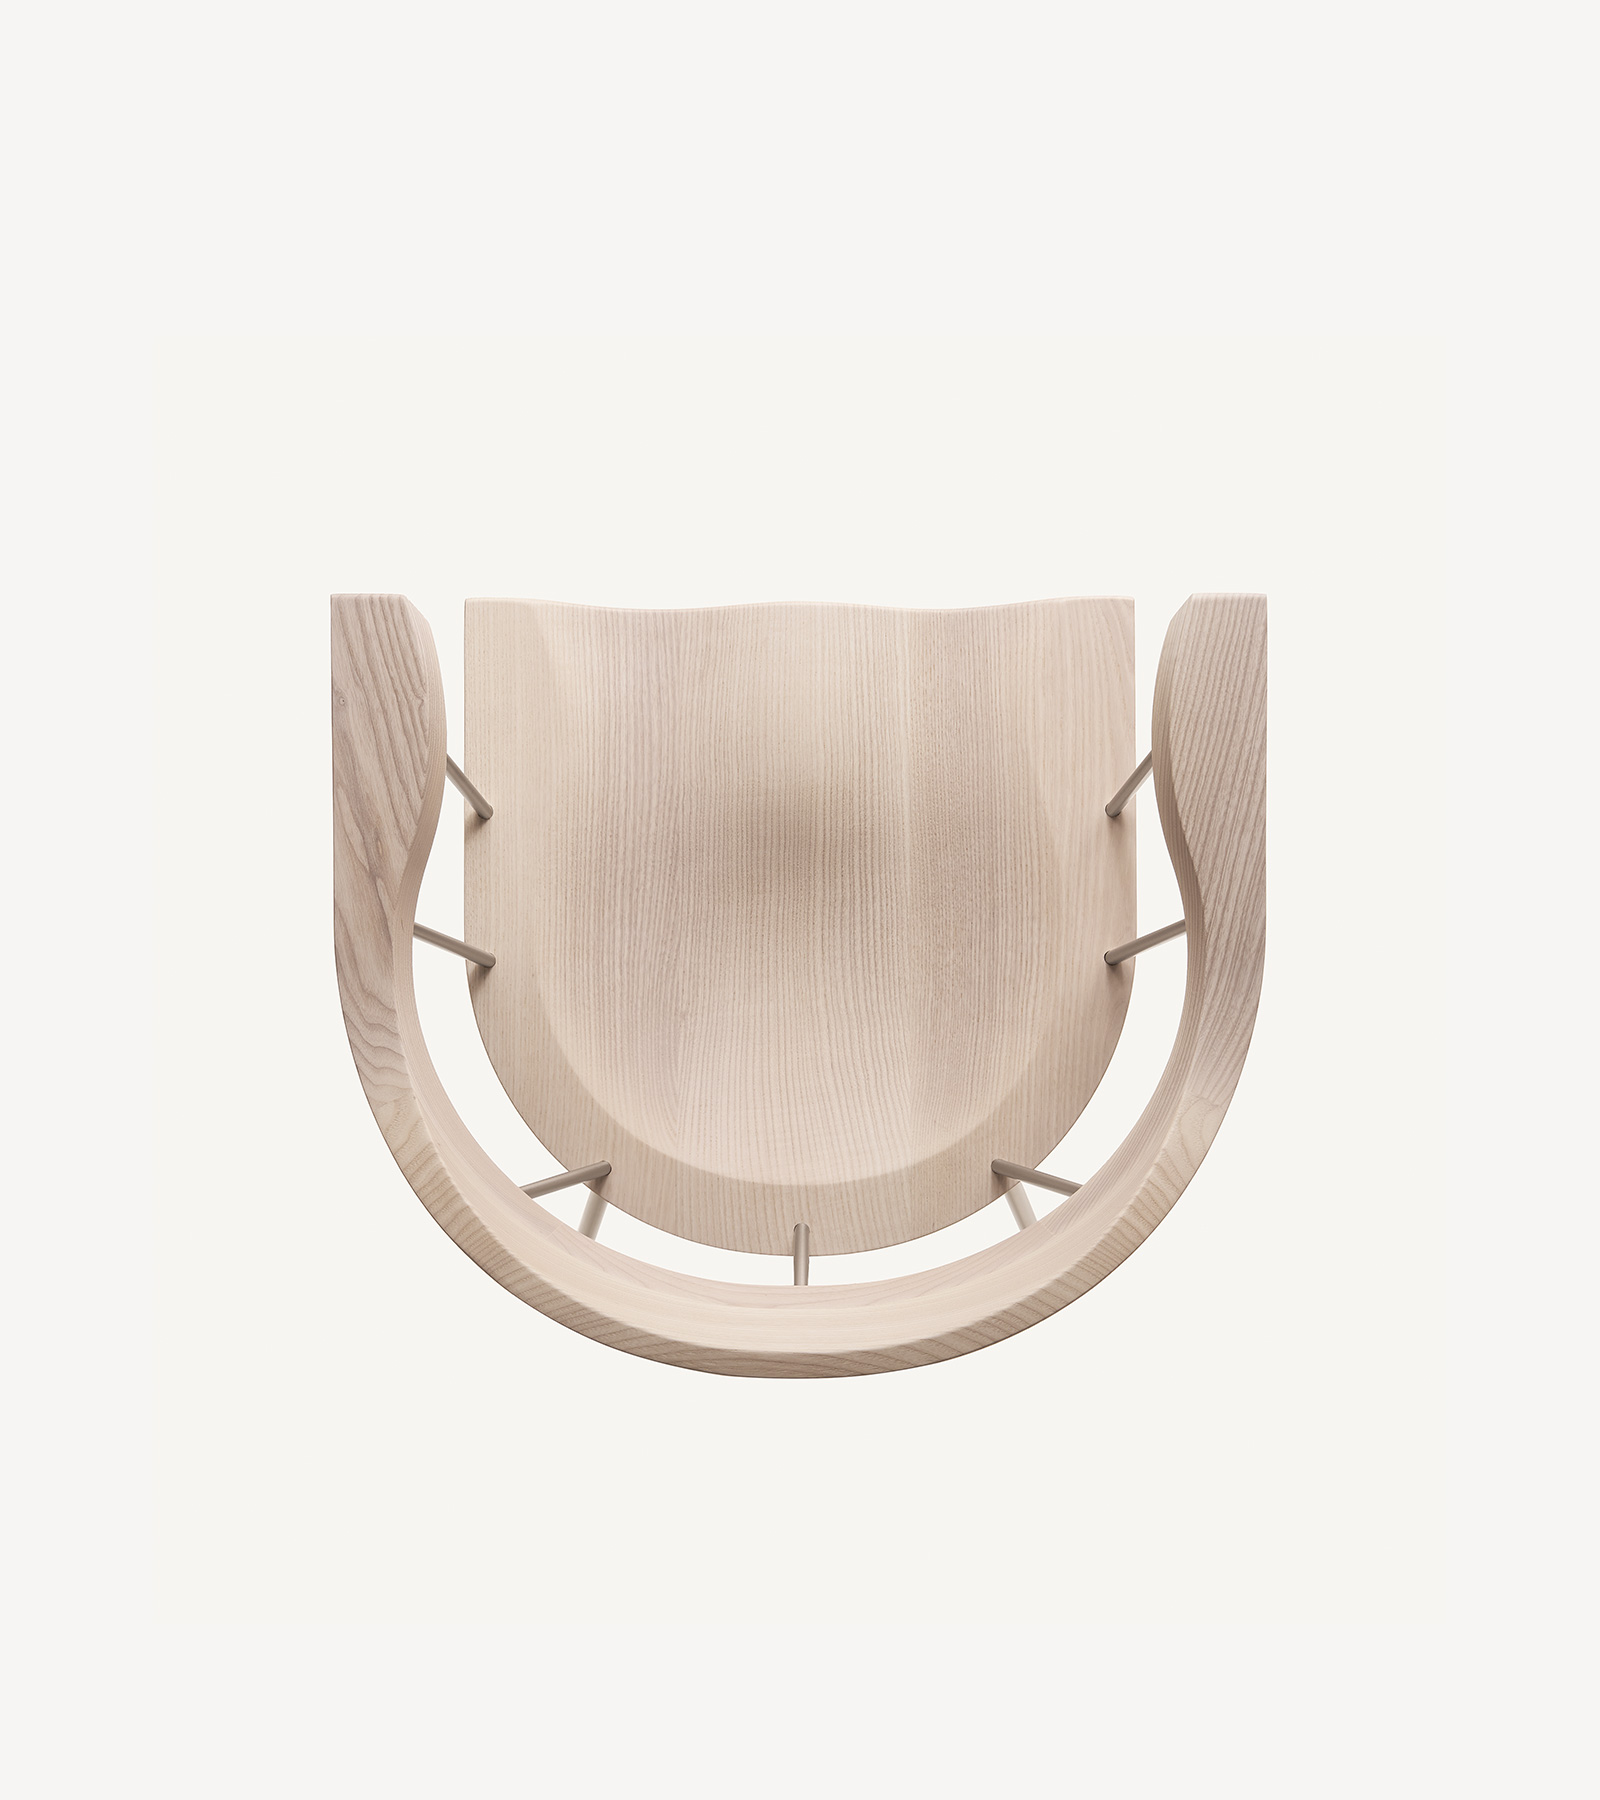 TinnappleMetz-bassamfellows-Spindle-Side-Chair-12